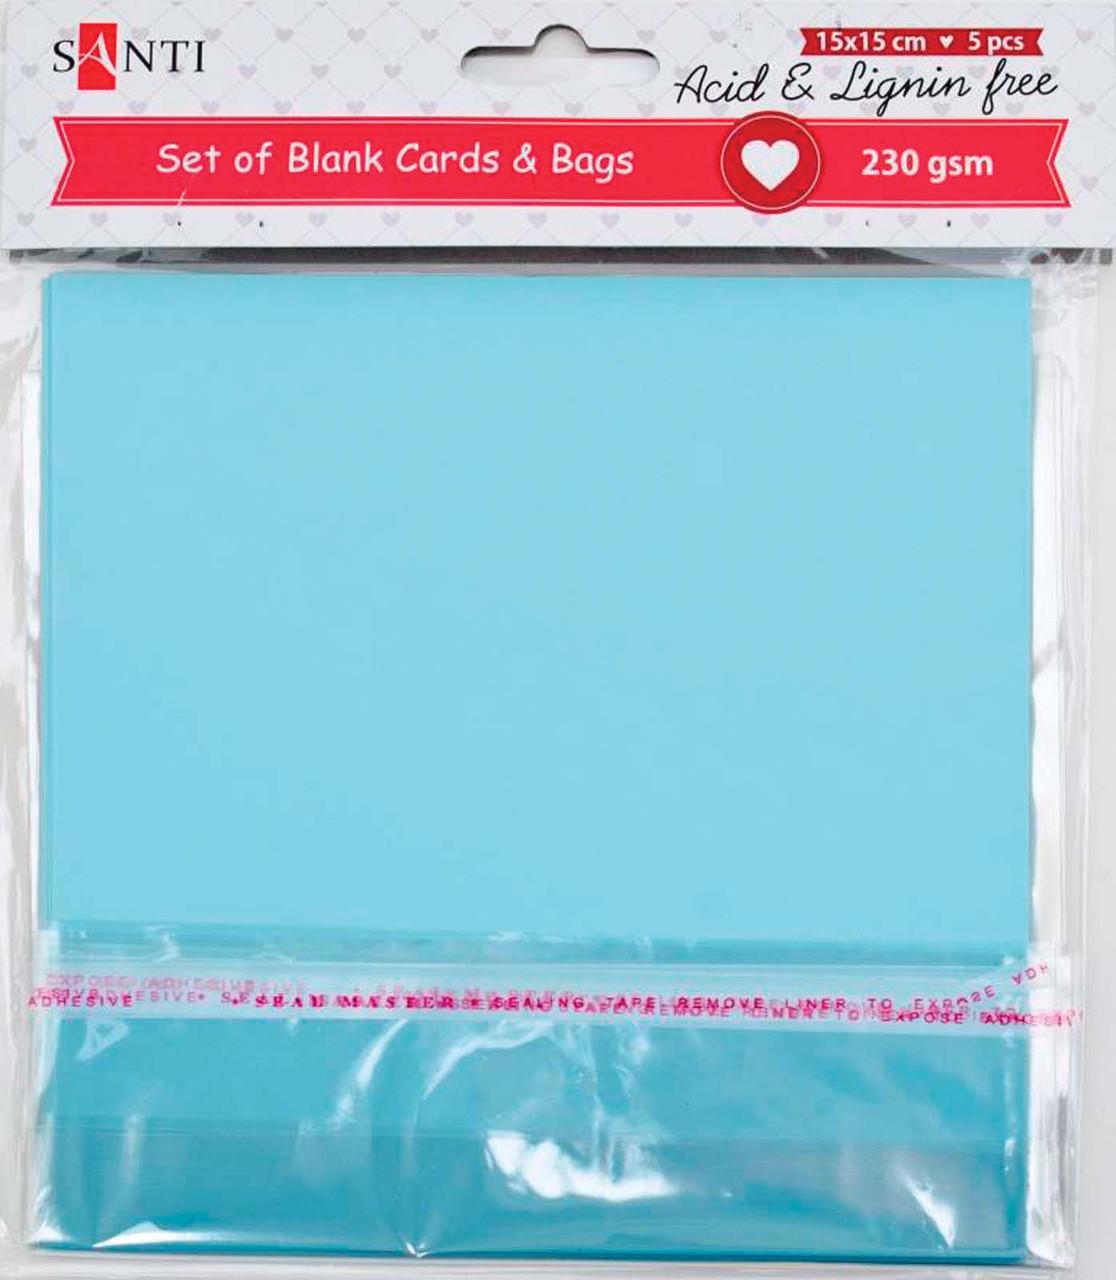 Набор заготовок для открыток 15*15 Santi 230г/м 5шт голубые 952280